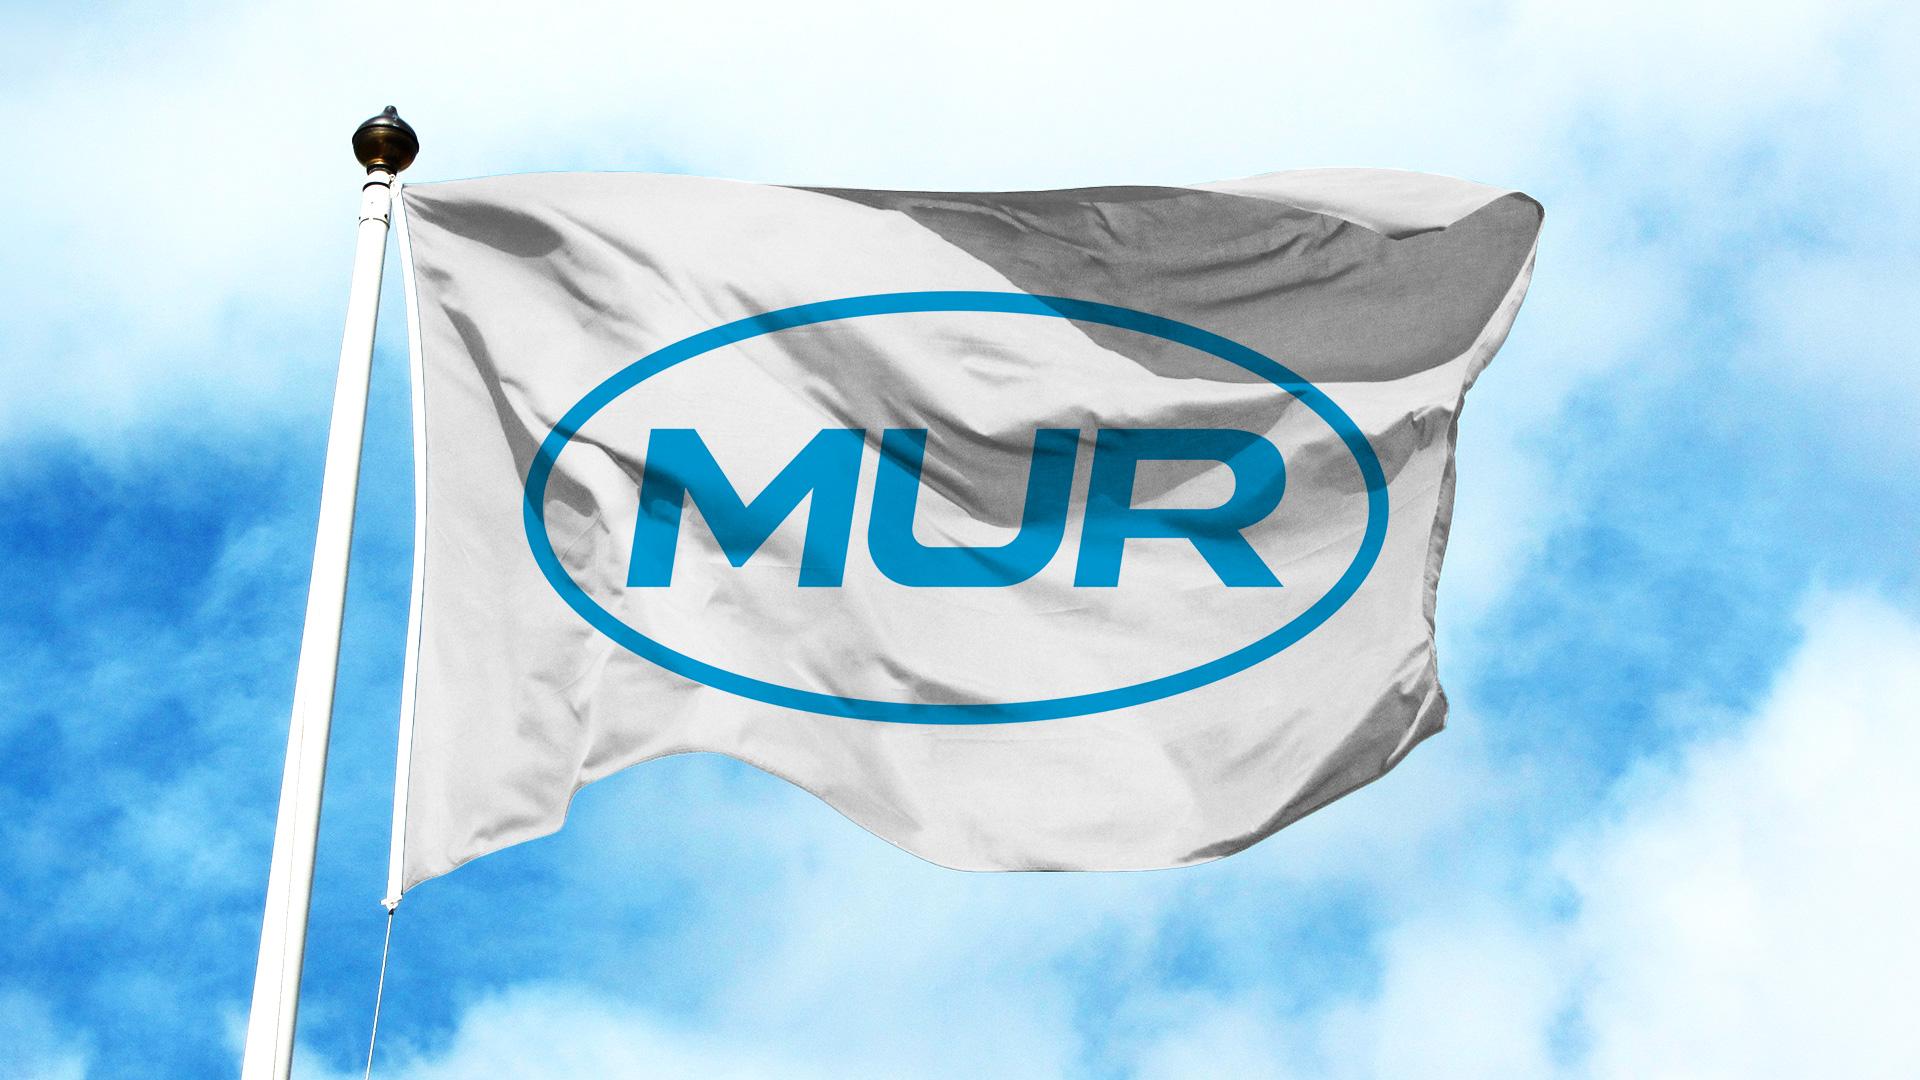 mur-07-4